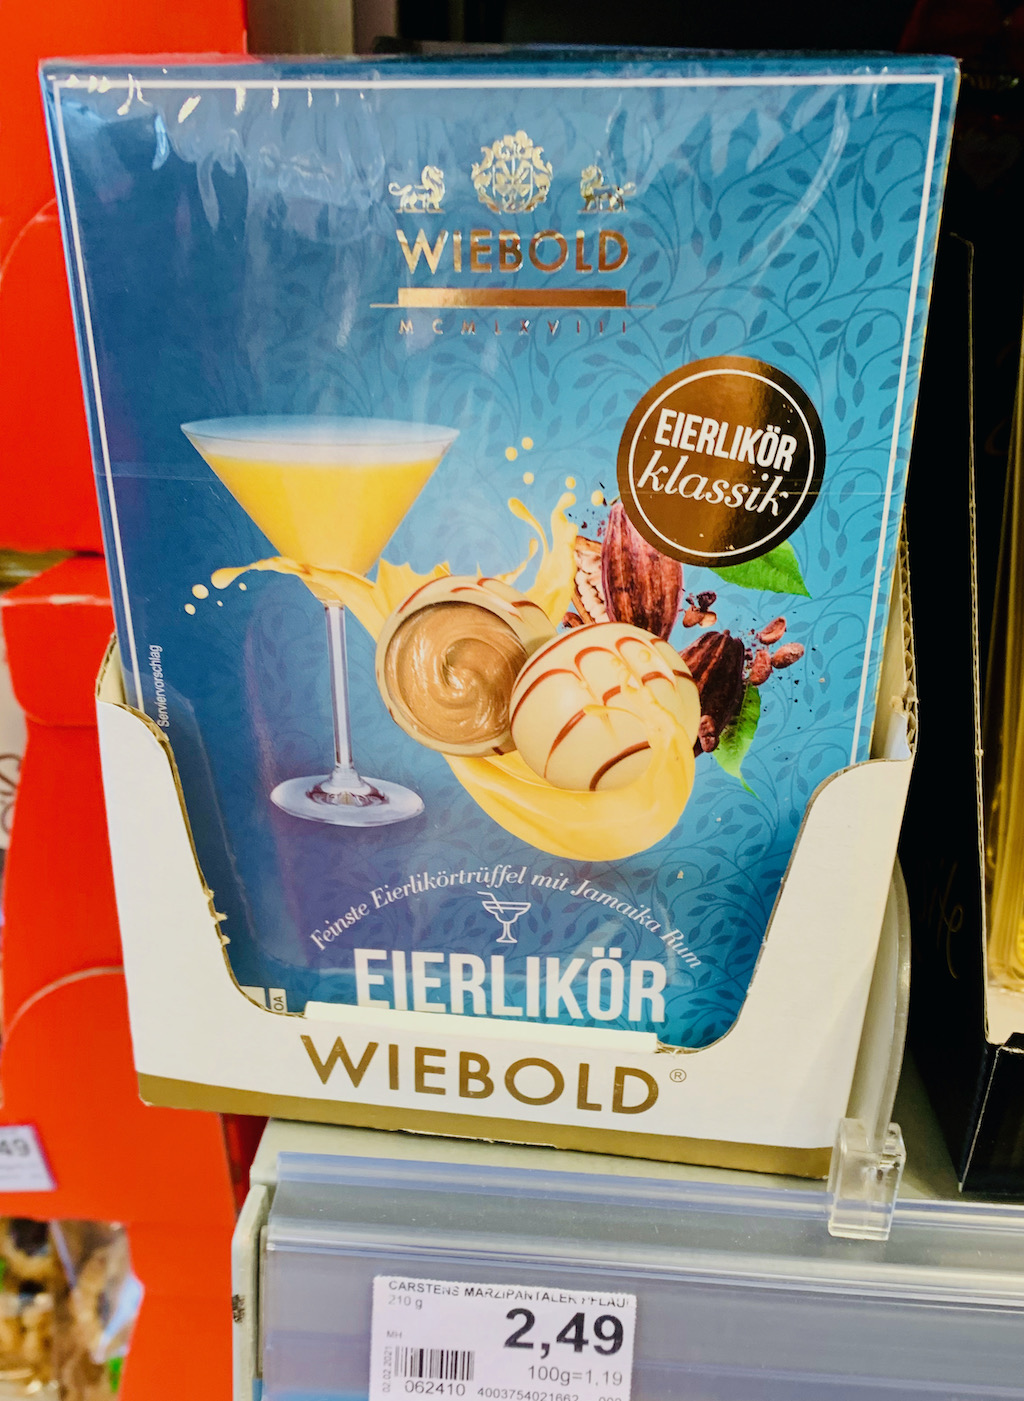 Wiebold Eierlikör-Pralinen mit Jamaika-Rum